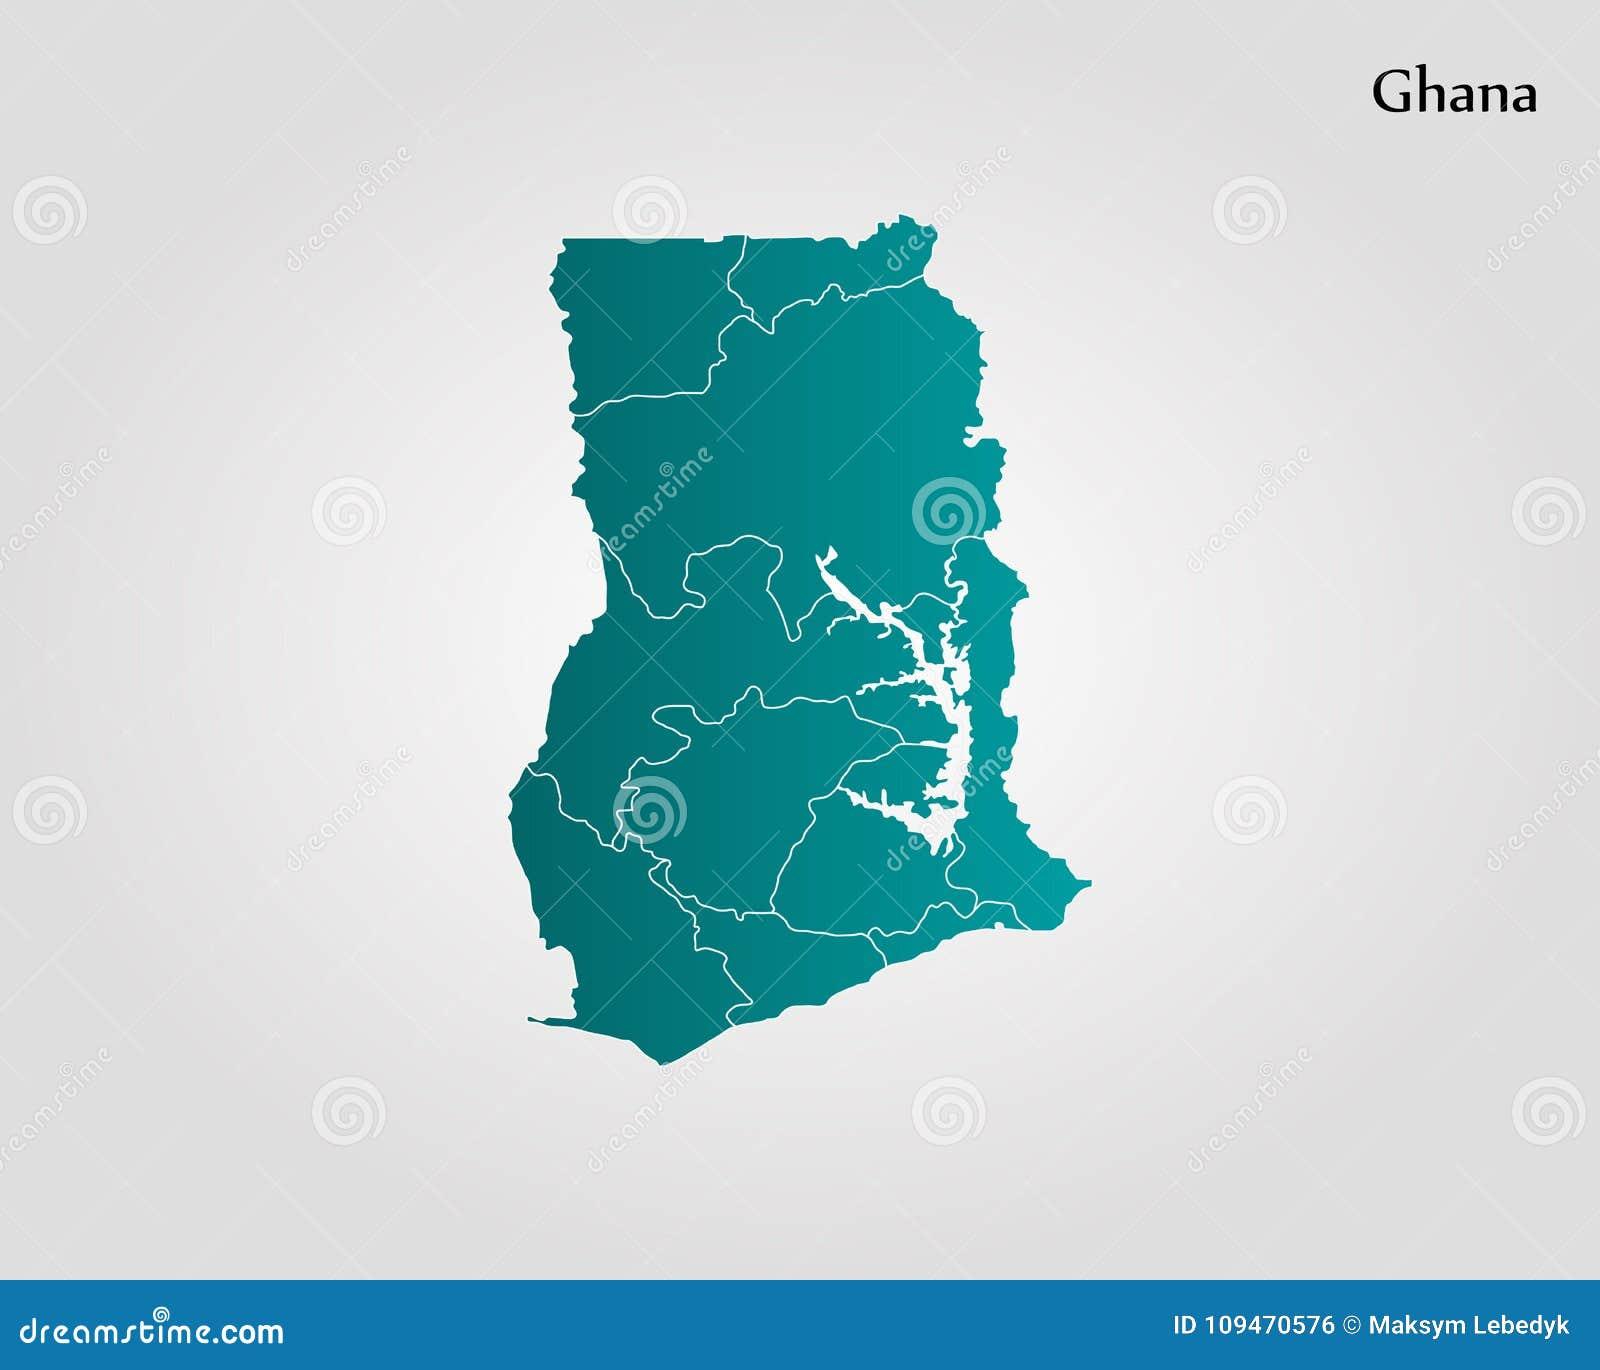 Map of Ghana stock illustration. Illustration of design - 109470576